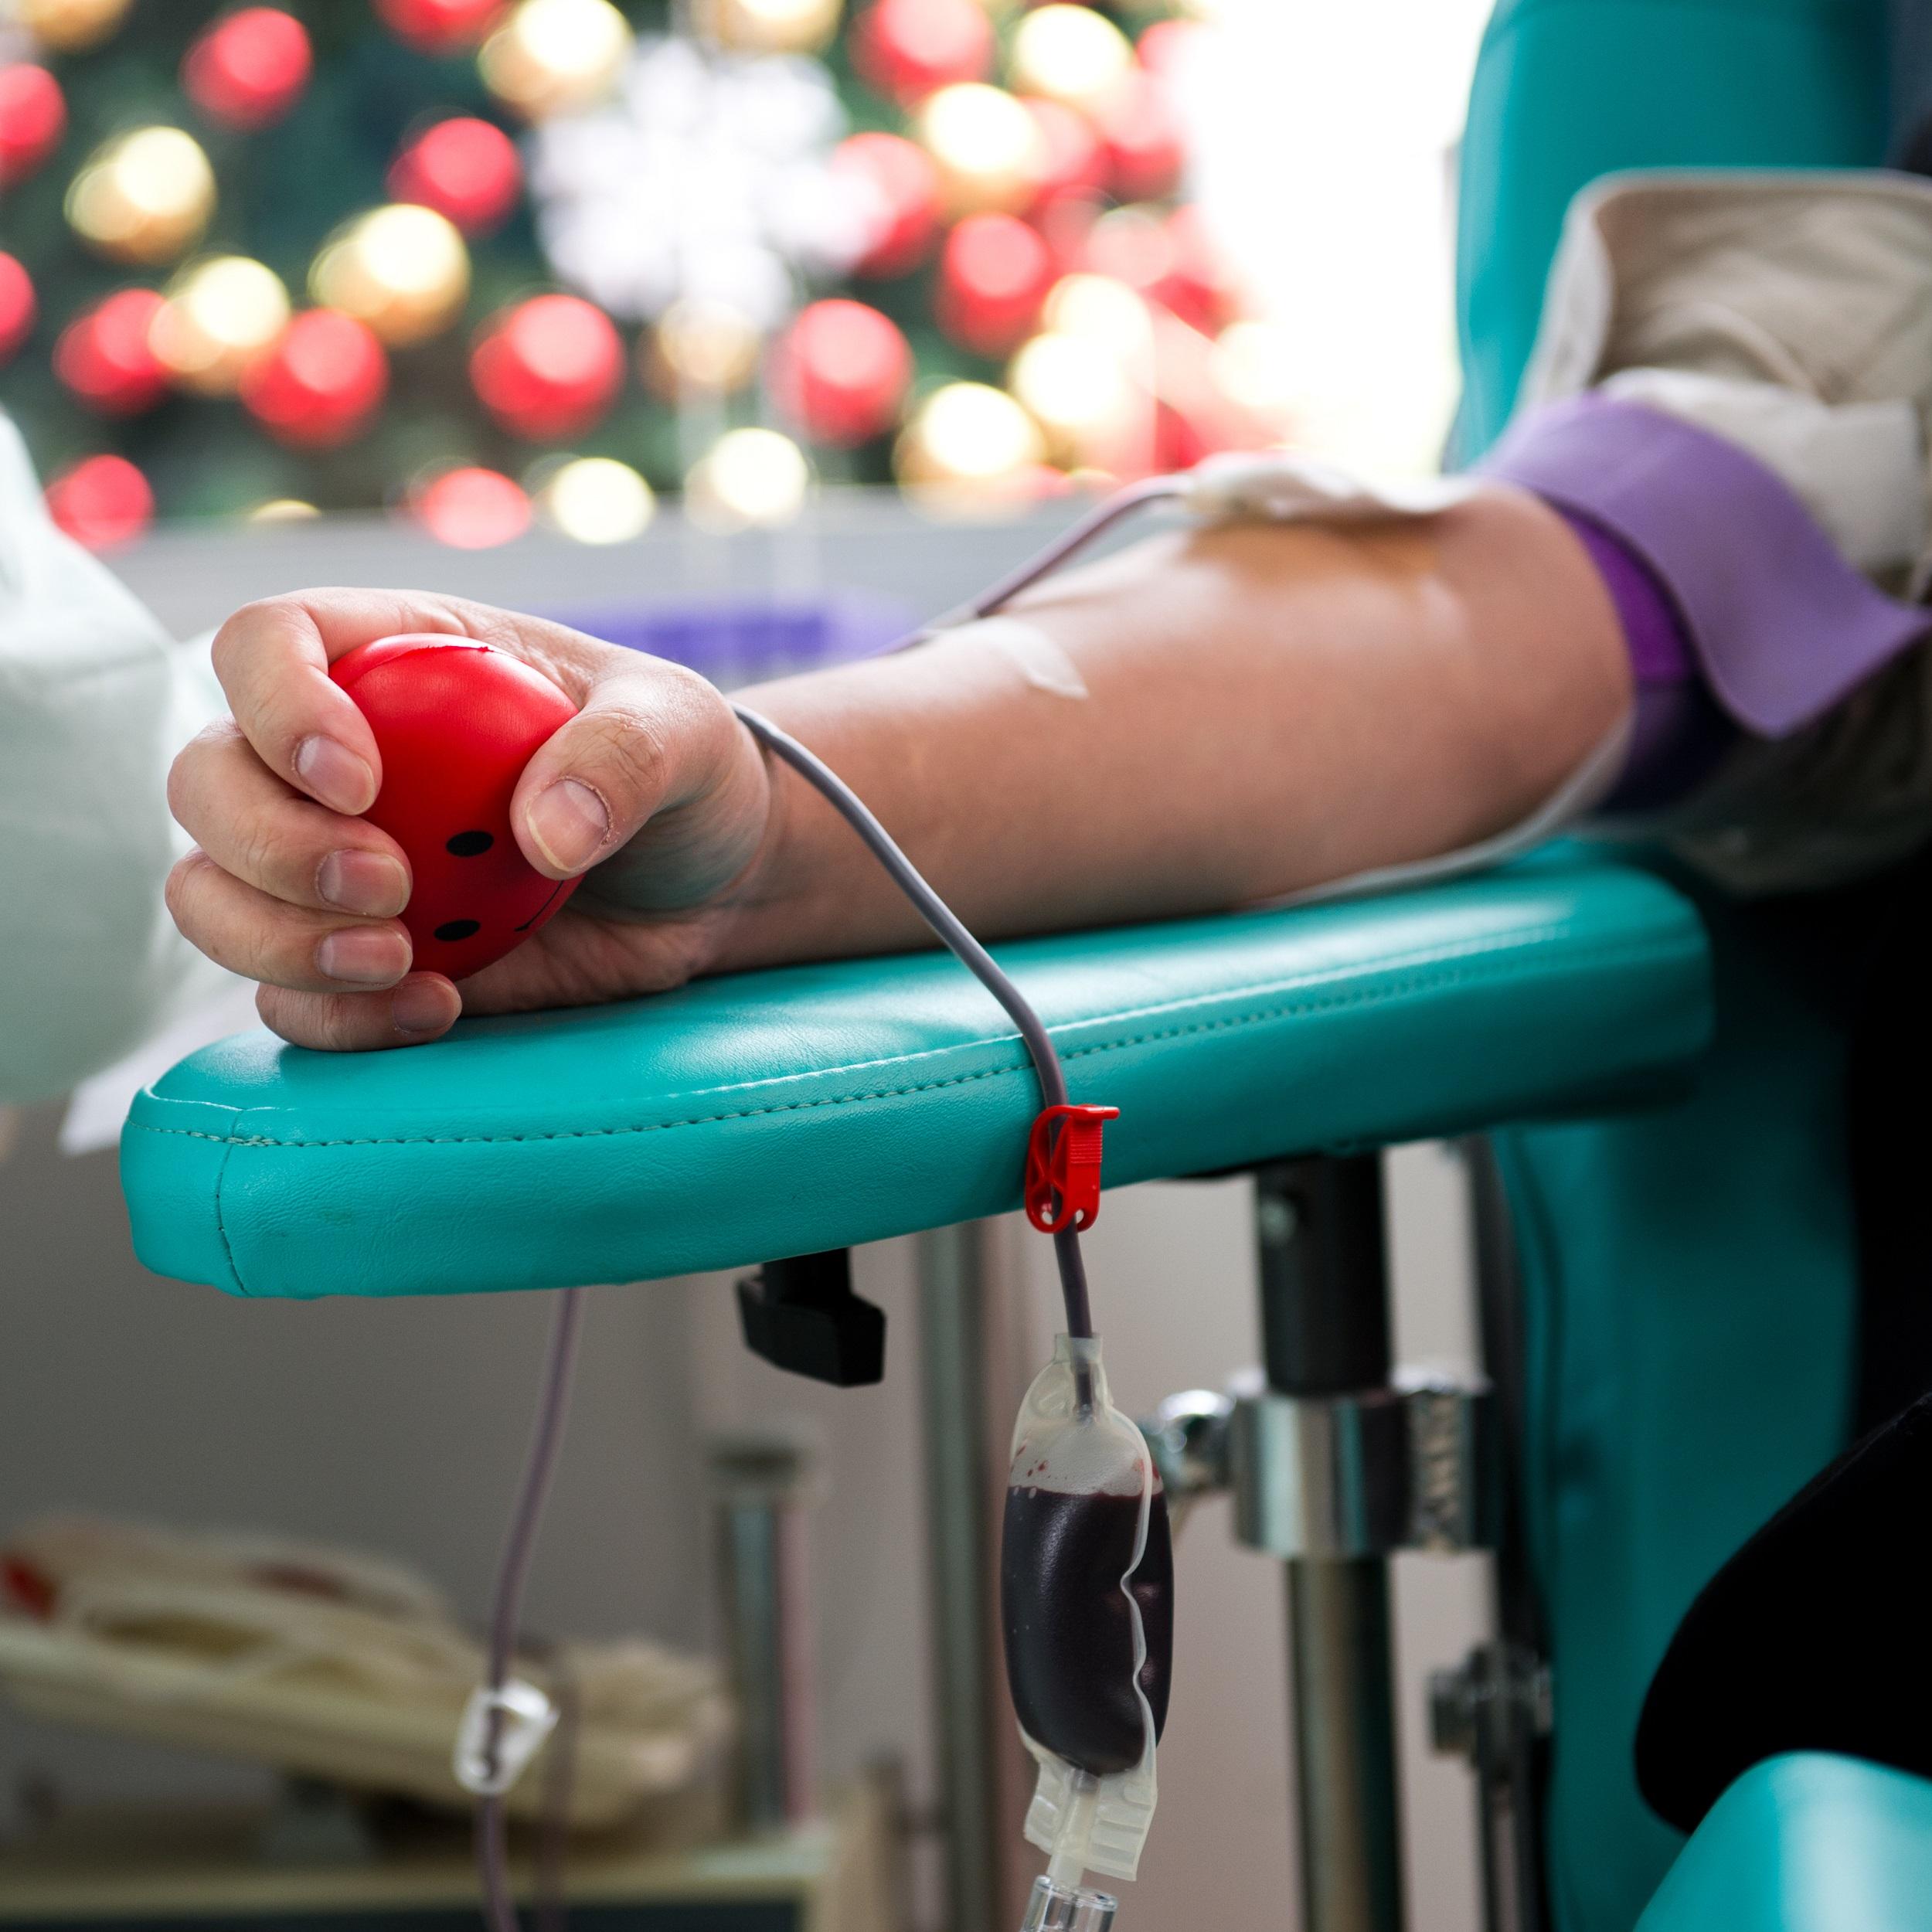 Reino Unido probará la sangre artificial a partir de 2017